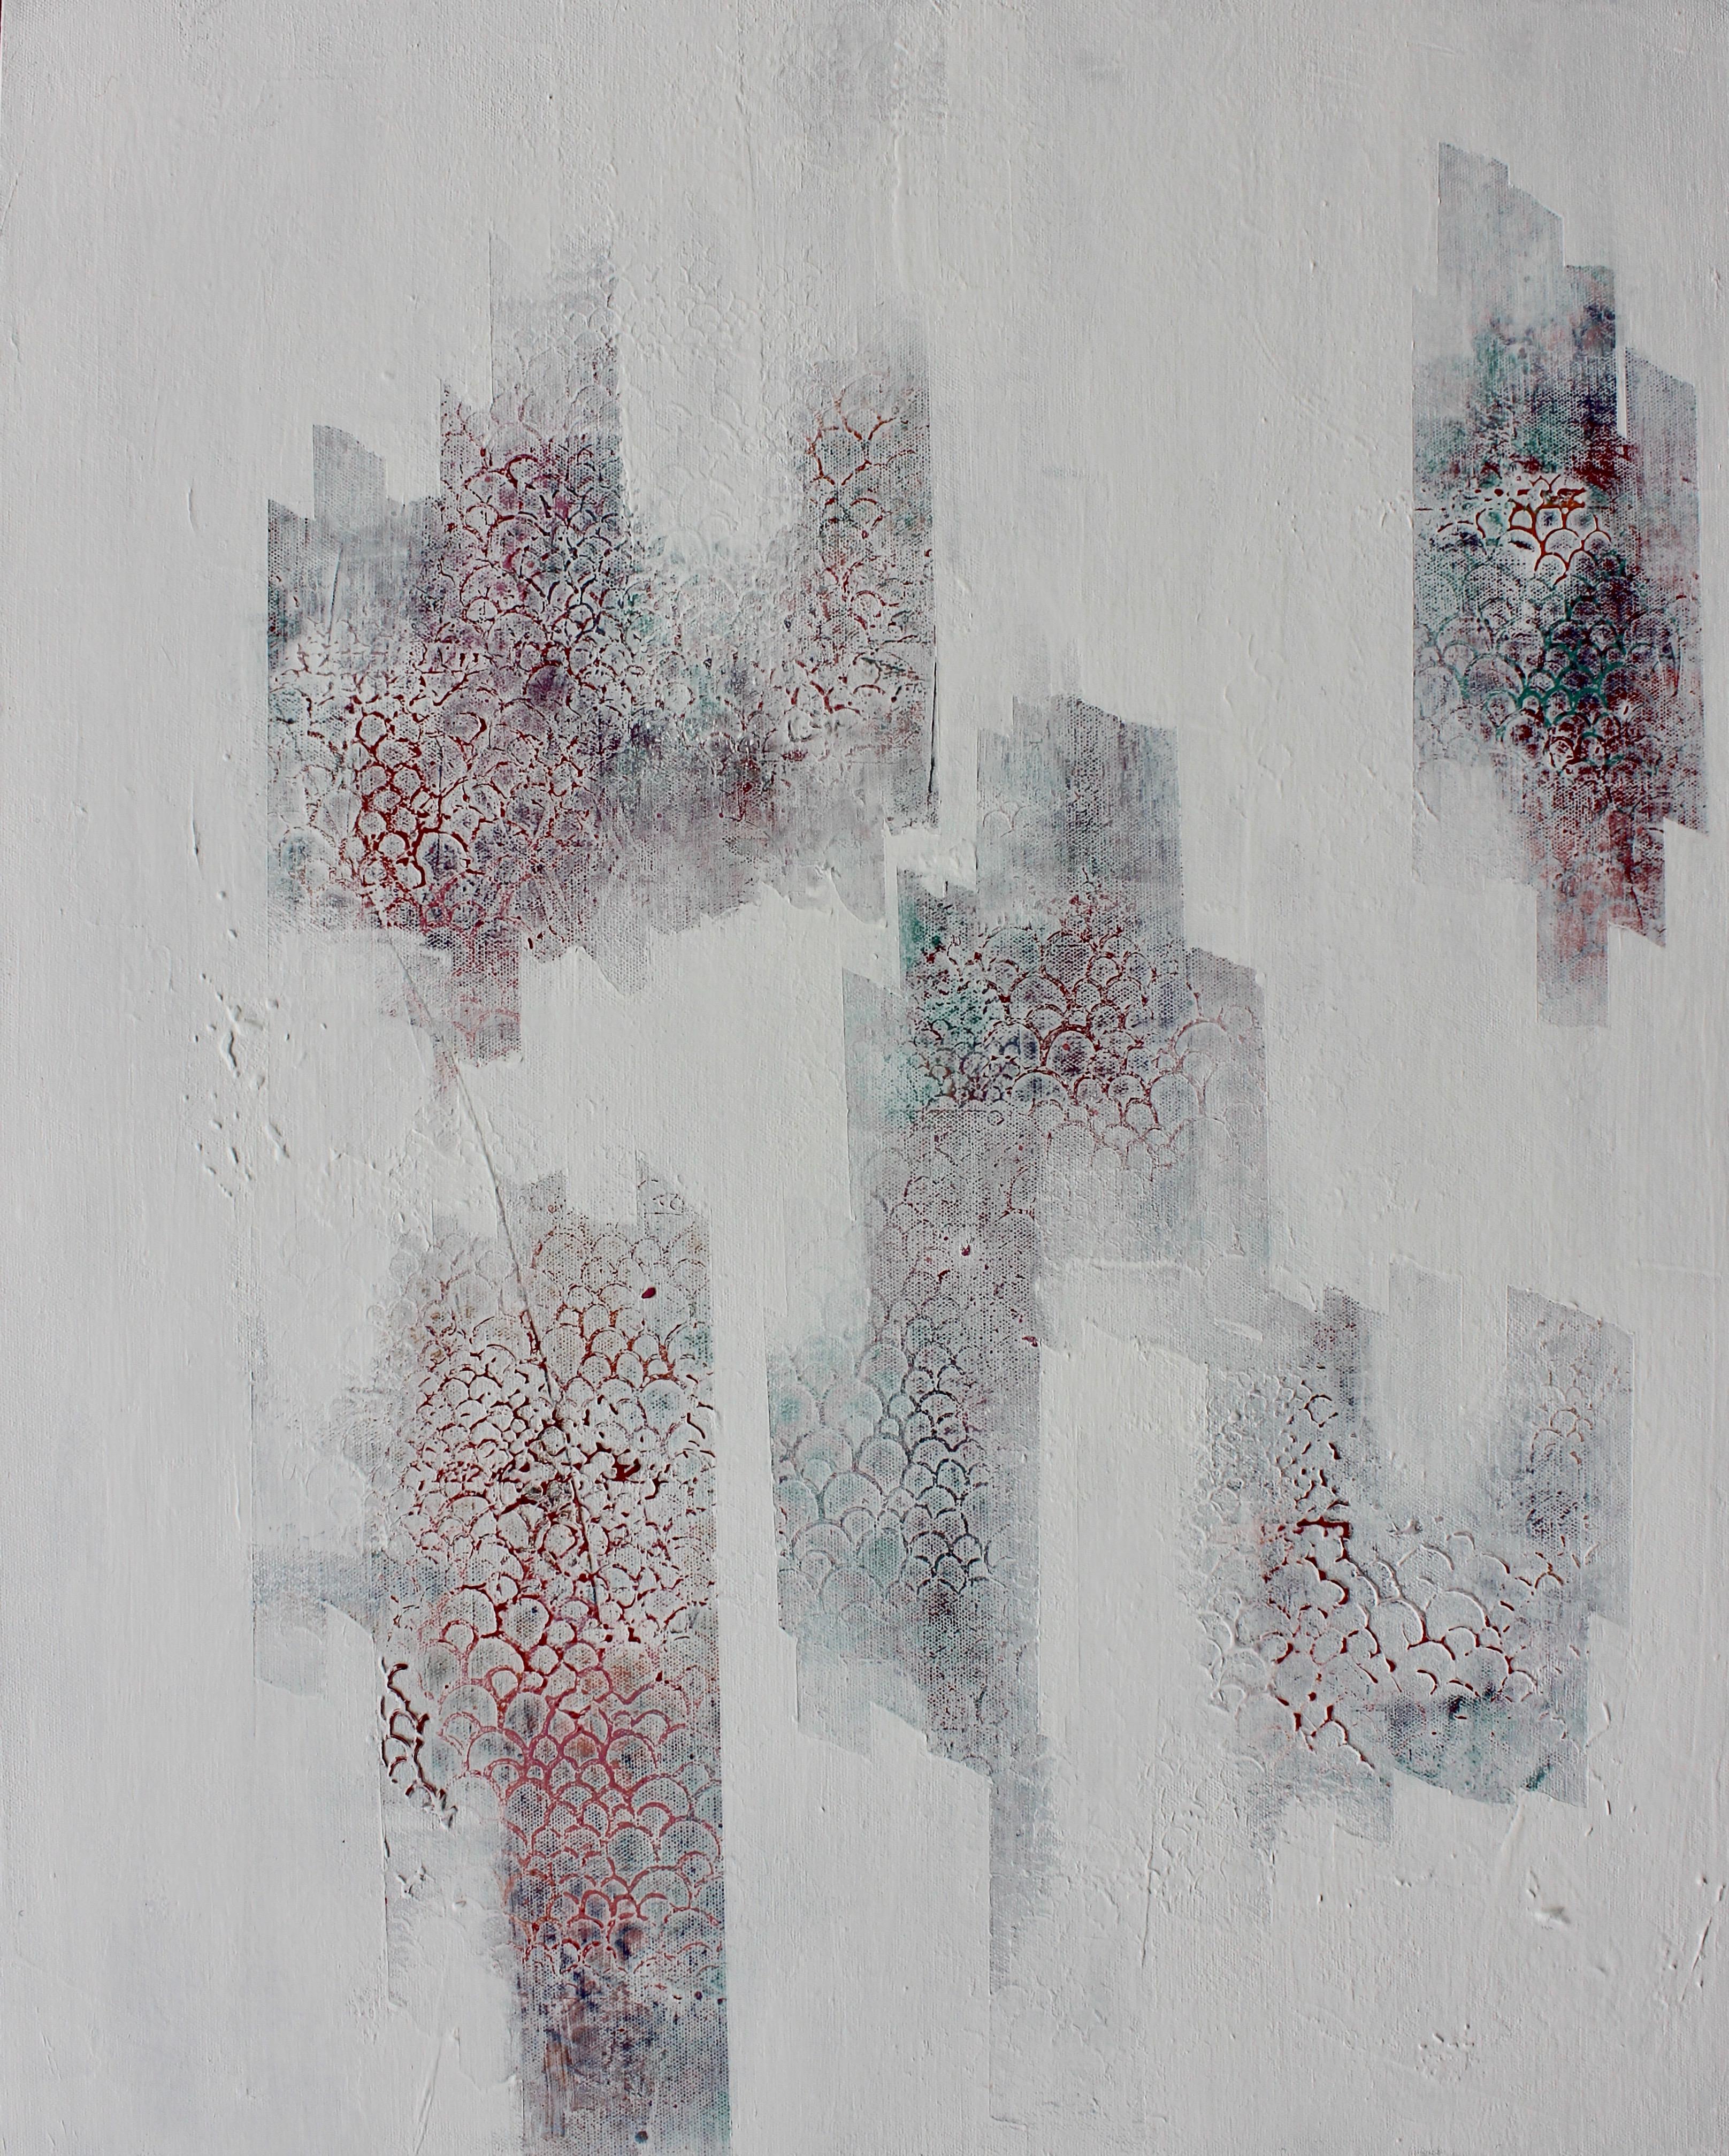 Acrylic on canvas 24x30